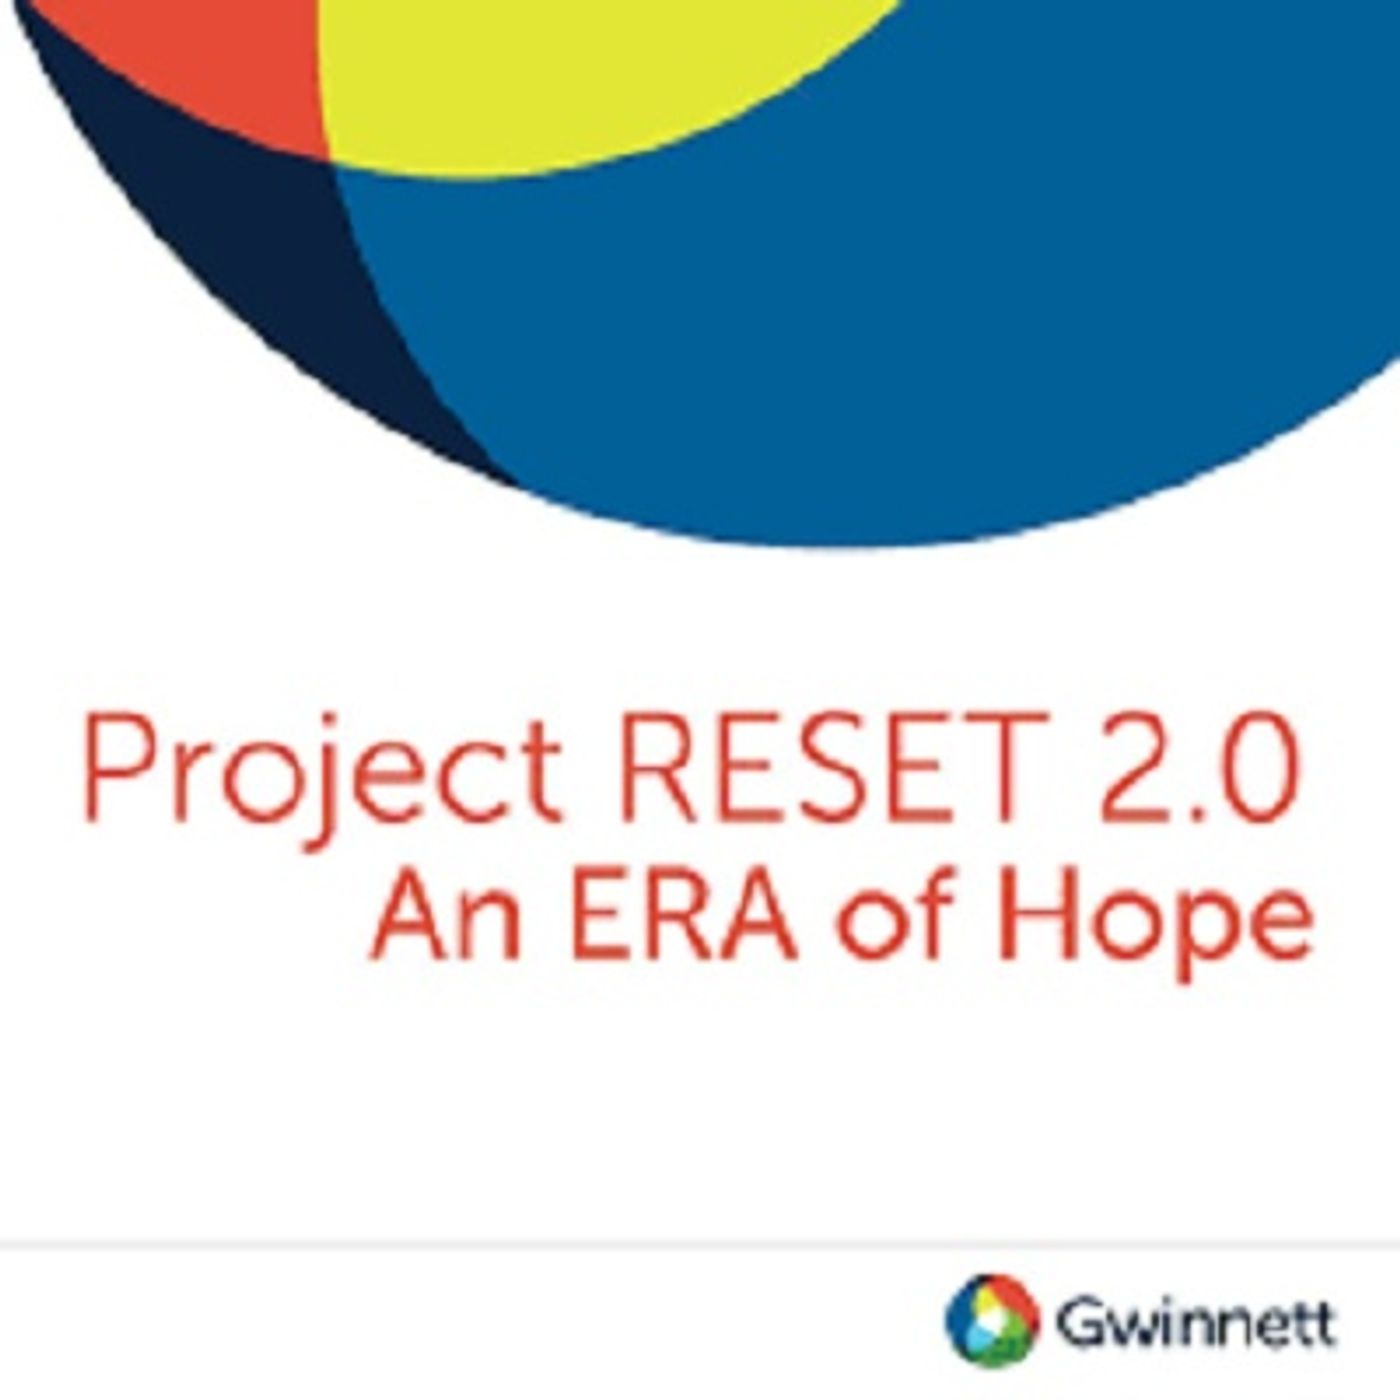 Gwinnett's Project Reset 2.0 Is A Winner